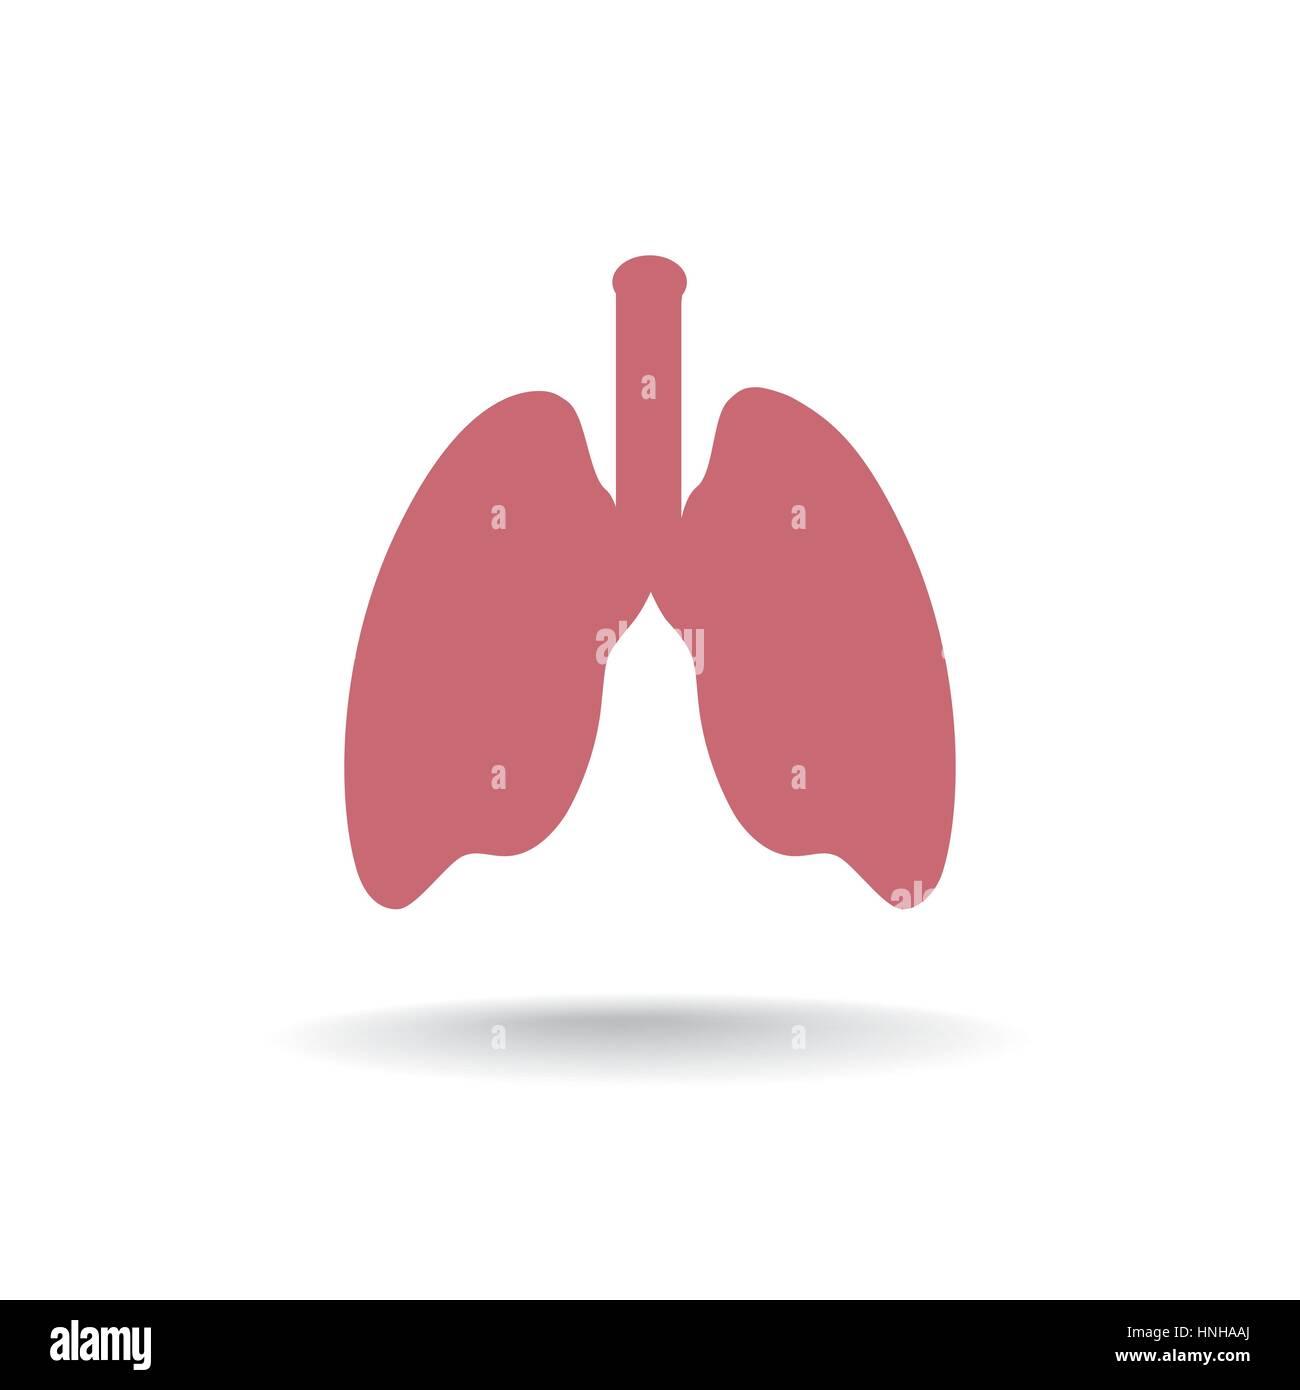 Human Lung Medical Organ Sing. anatomy icon. - Stock Image